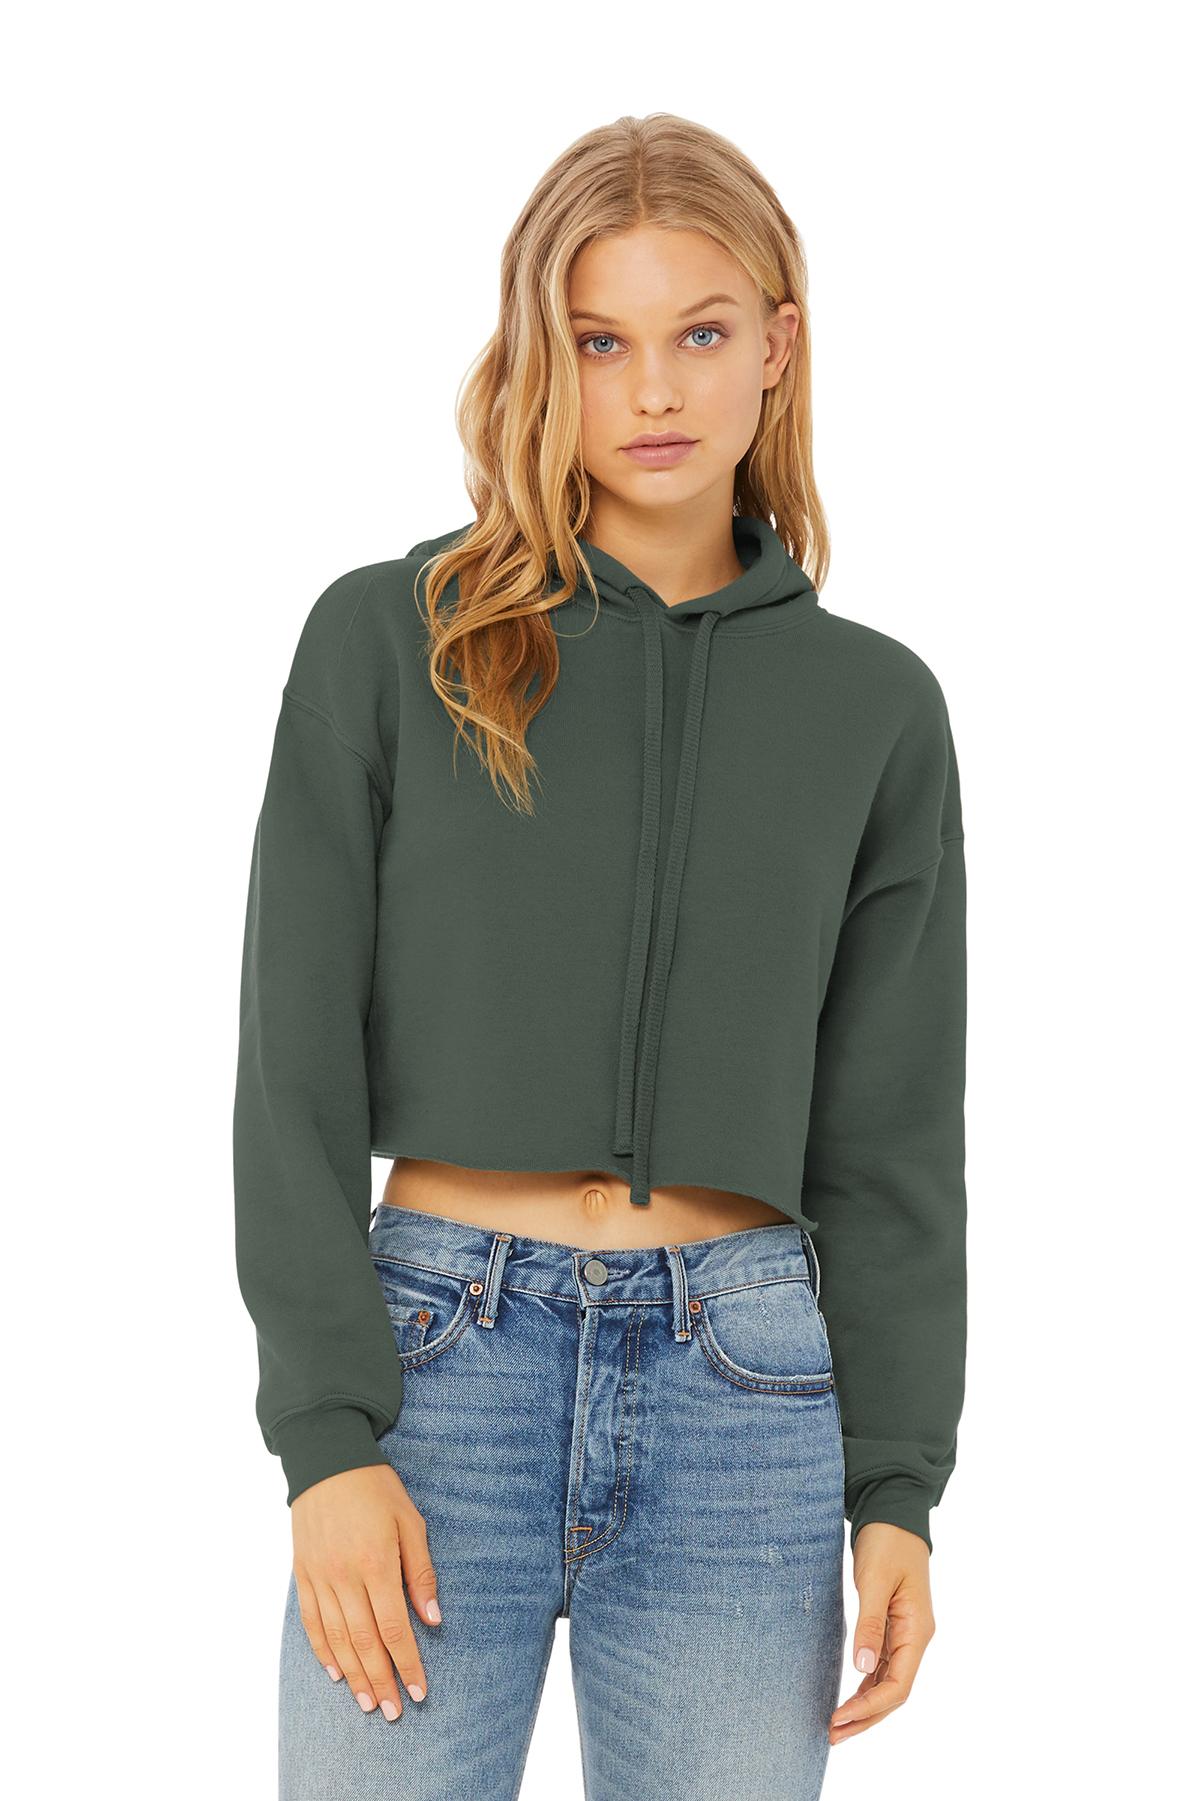 98af0f53d7138b BELLA+CANVAS ® Women s Sponge Fleece Cropped Fleece Hoodie ...